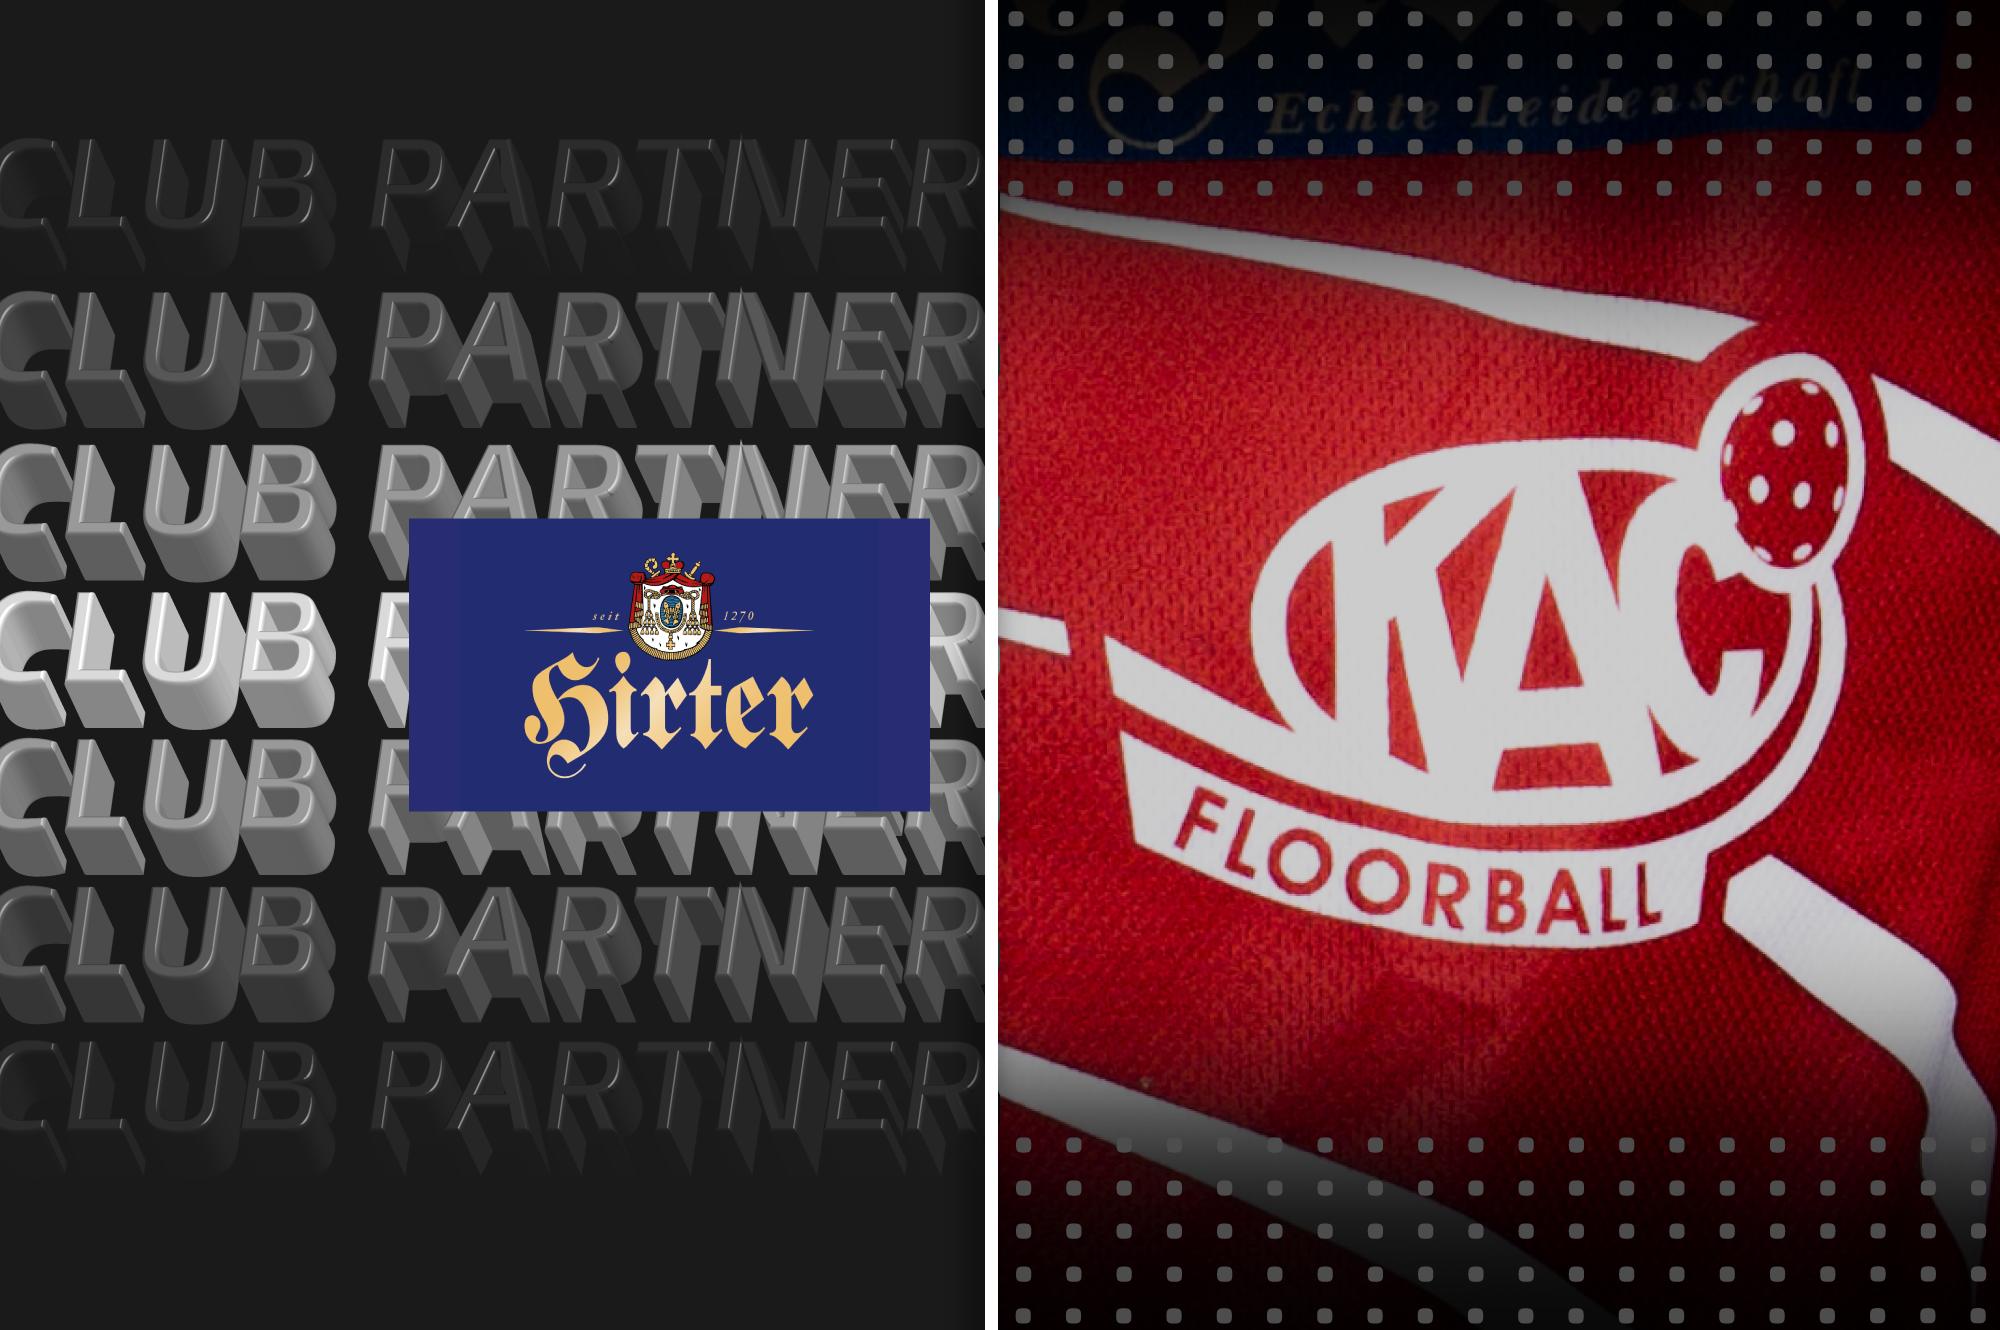 KAC Floorball verlängert Partnerschaft mit der Brauerei Hirt